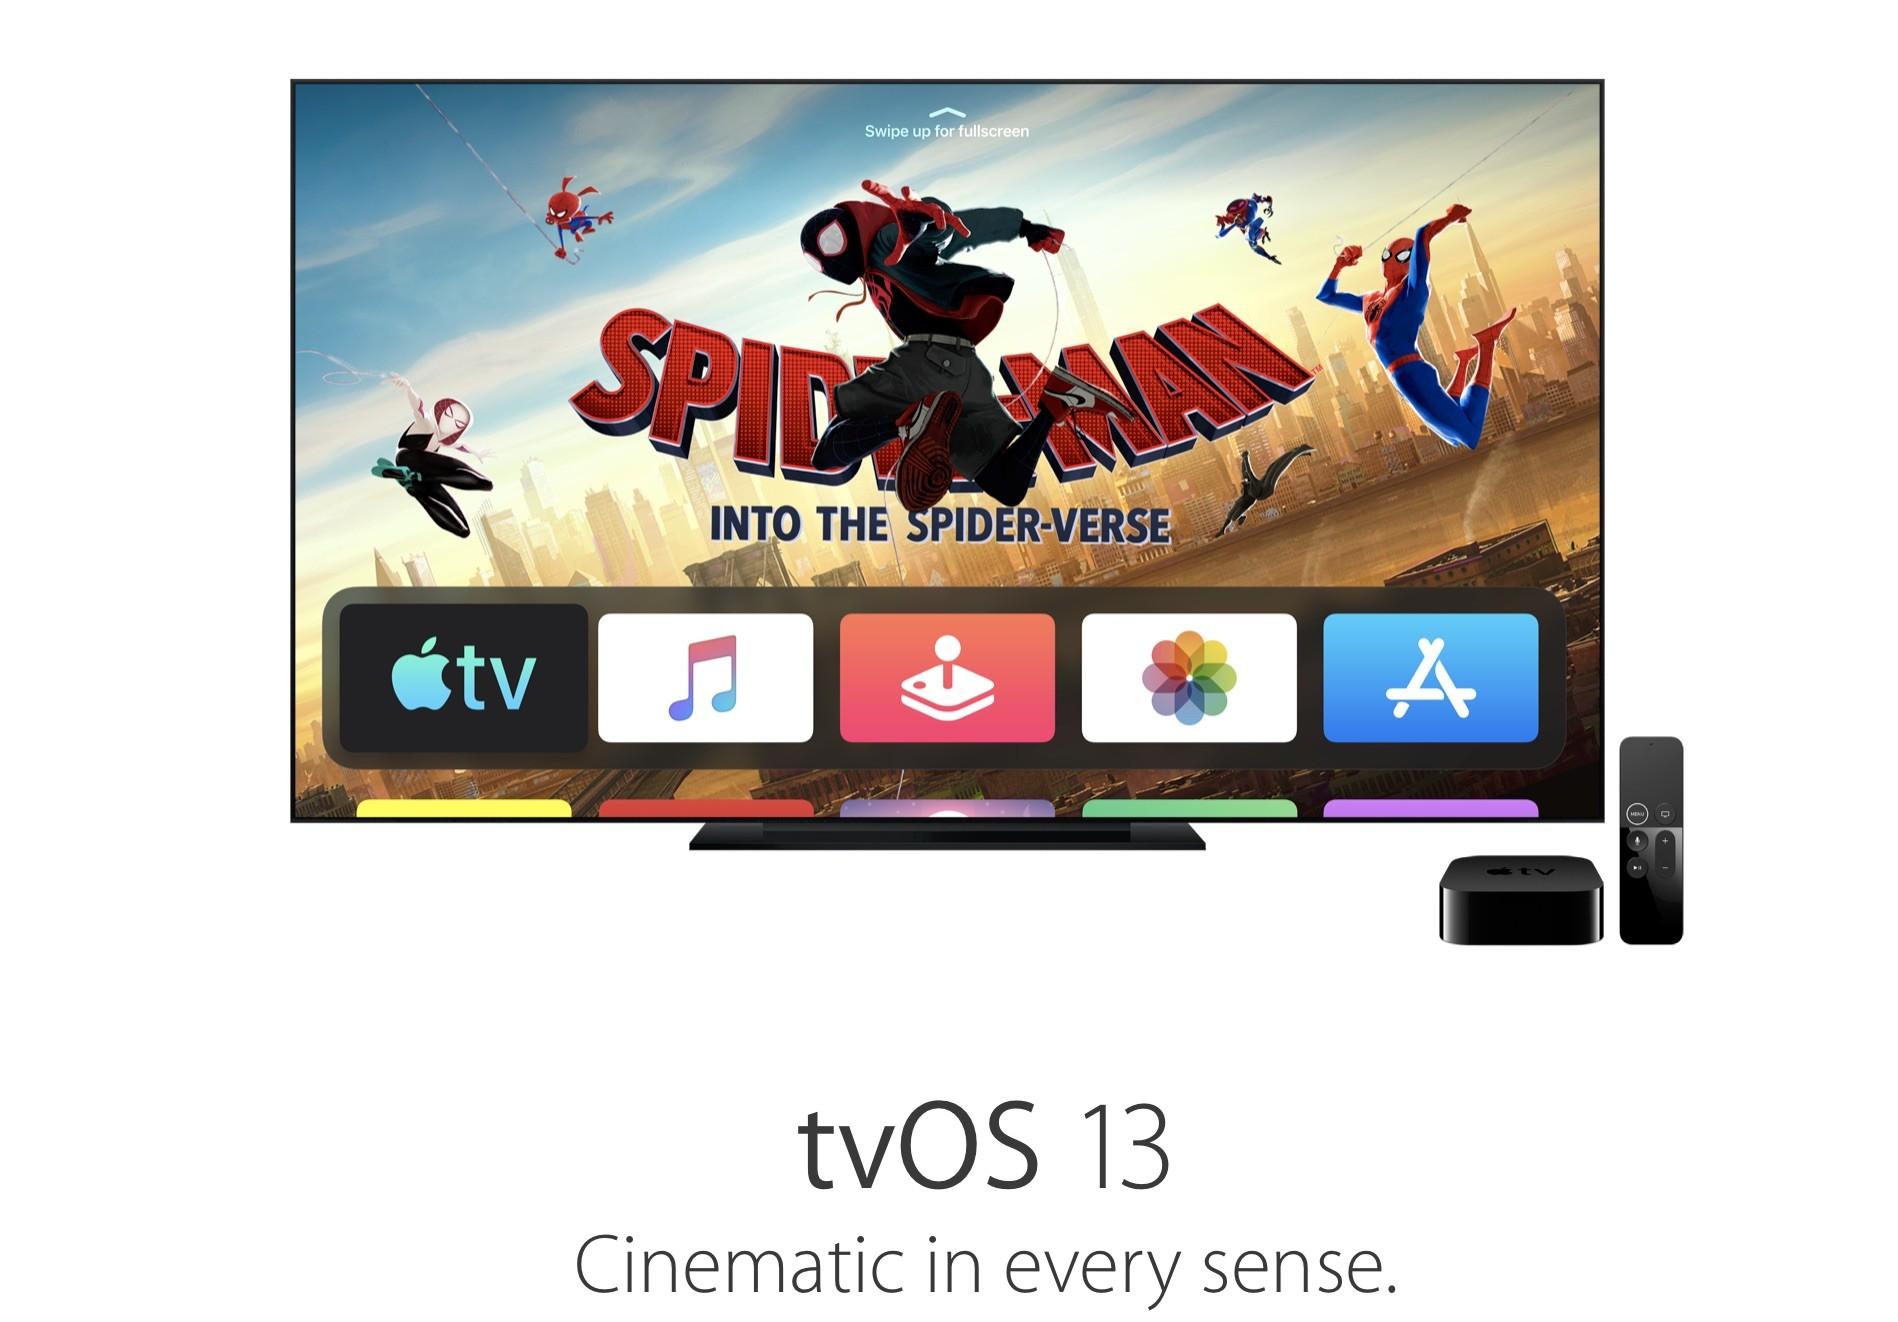 如何在Apple TV 4K和Apple TV HD上安装tvOS 13 公测版